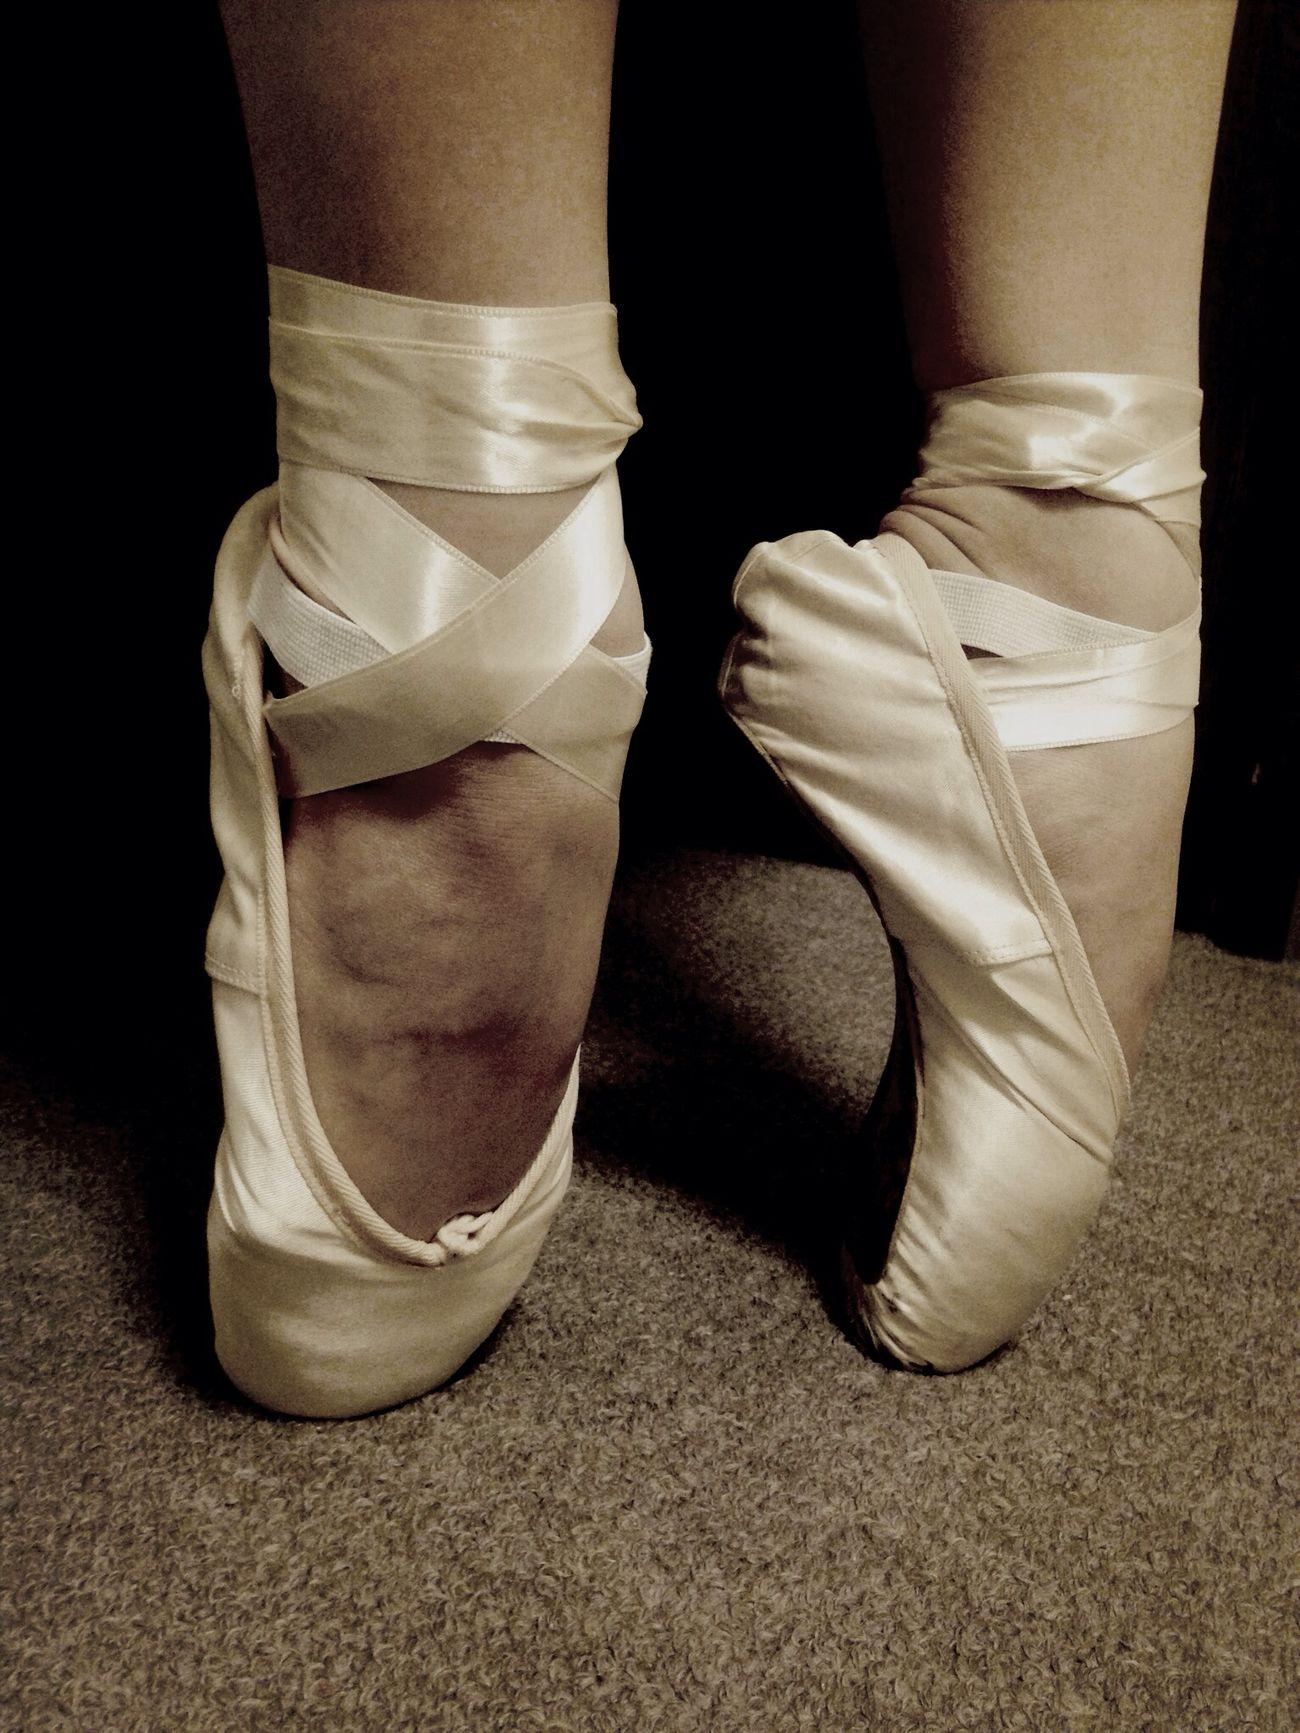 何と無く部屋掃除してたら、過去の努力の結晶がっT_T!思わず履いてしまった!このフィット感…指の痛い感じ…懐かしいT_T♡ Ballet Toe Juice